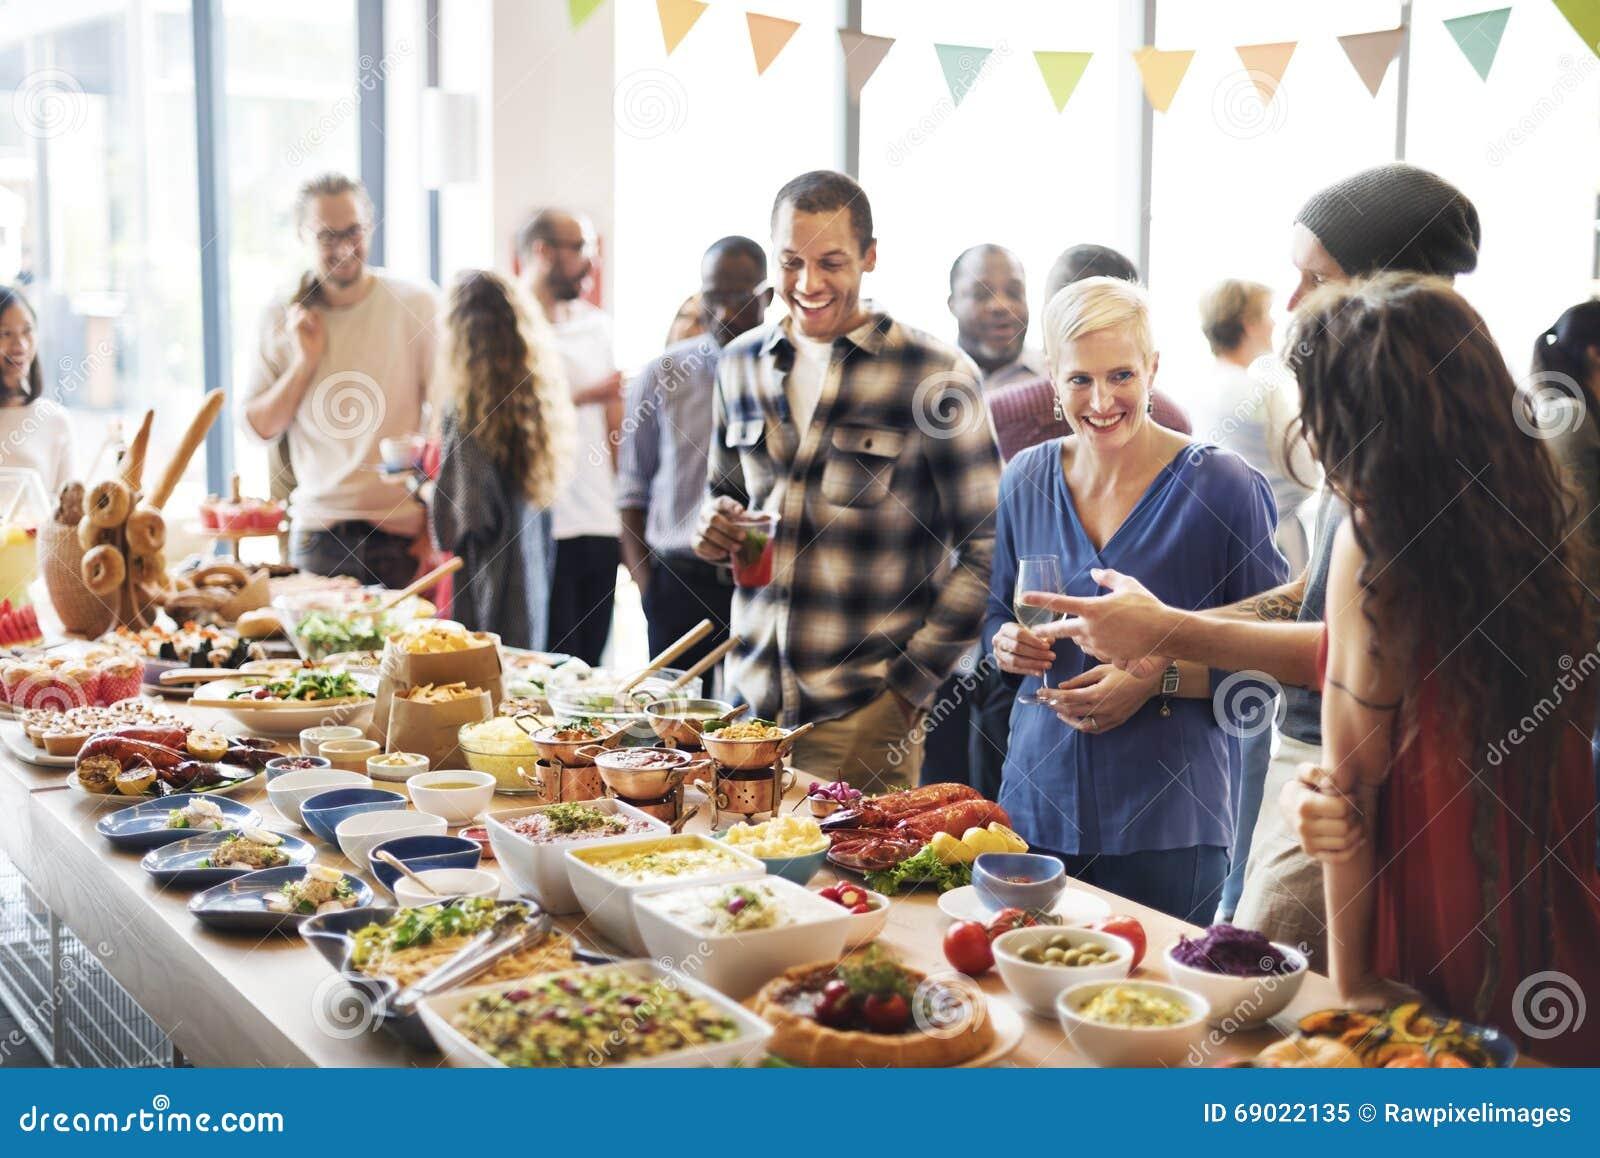 Prima folkmassa för frunch som äter middag matalternativ som äter begrepp